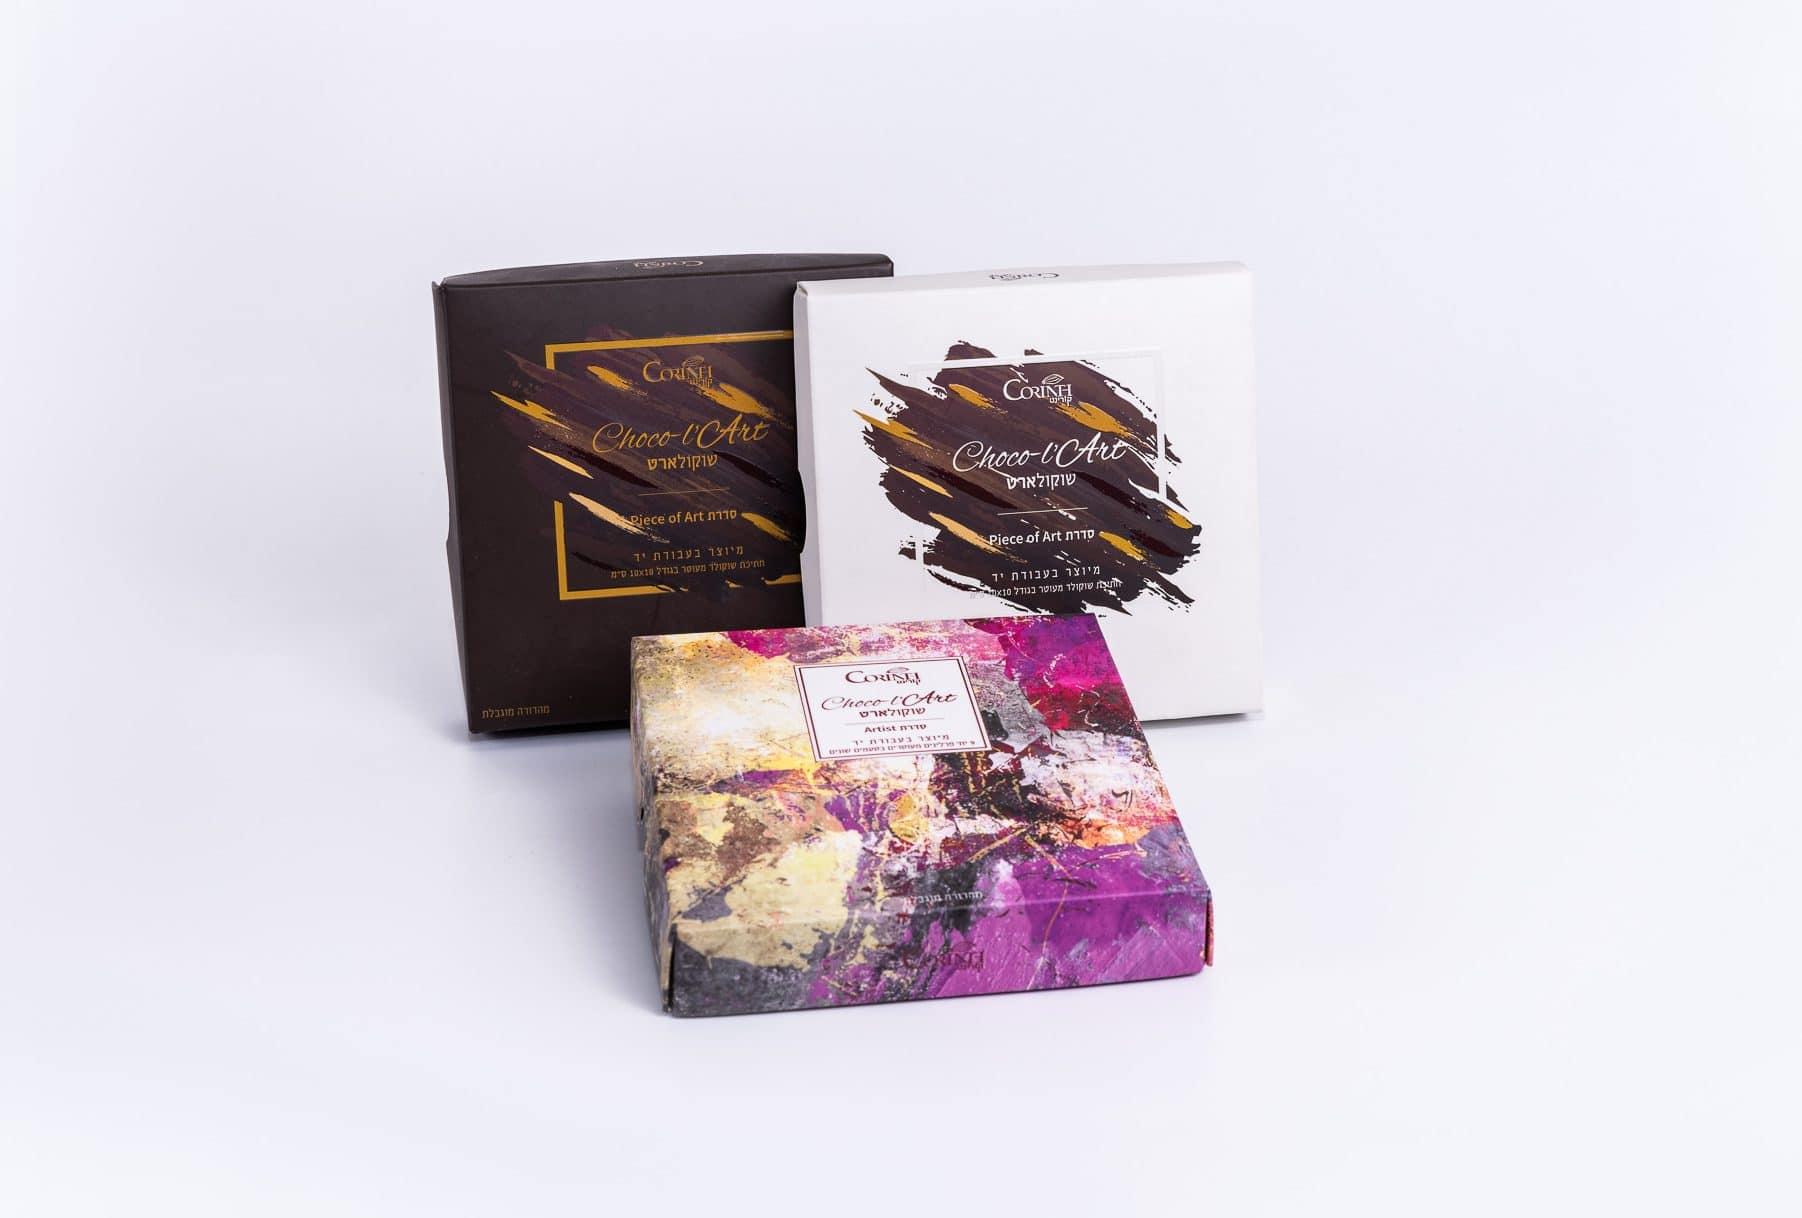 אריזות לשוקולד CHOCOLART, סדרת PICE OF ART וסדרת ARTIST. מארז ששומר על טריות המזון. ההדפסה בעזרת מכונות HP INDIGO